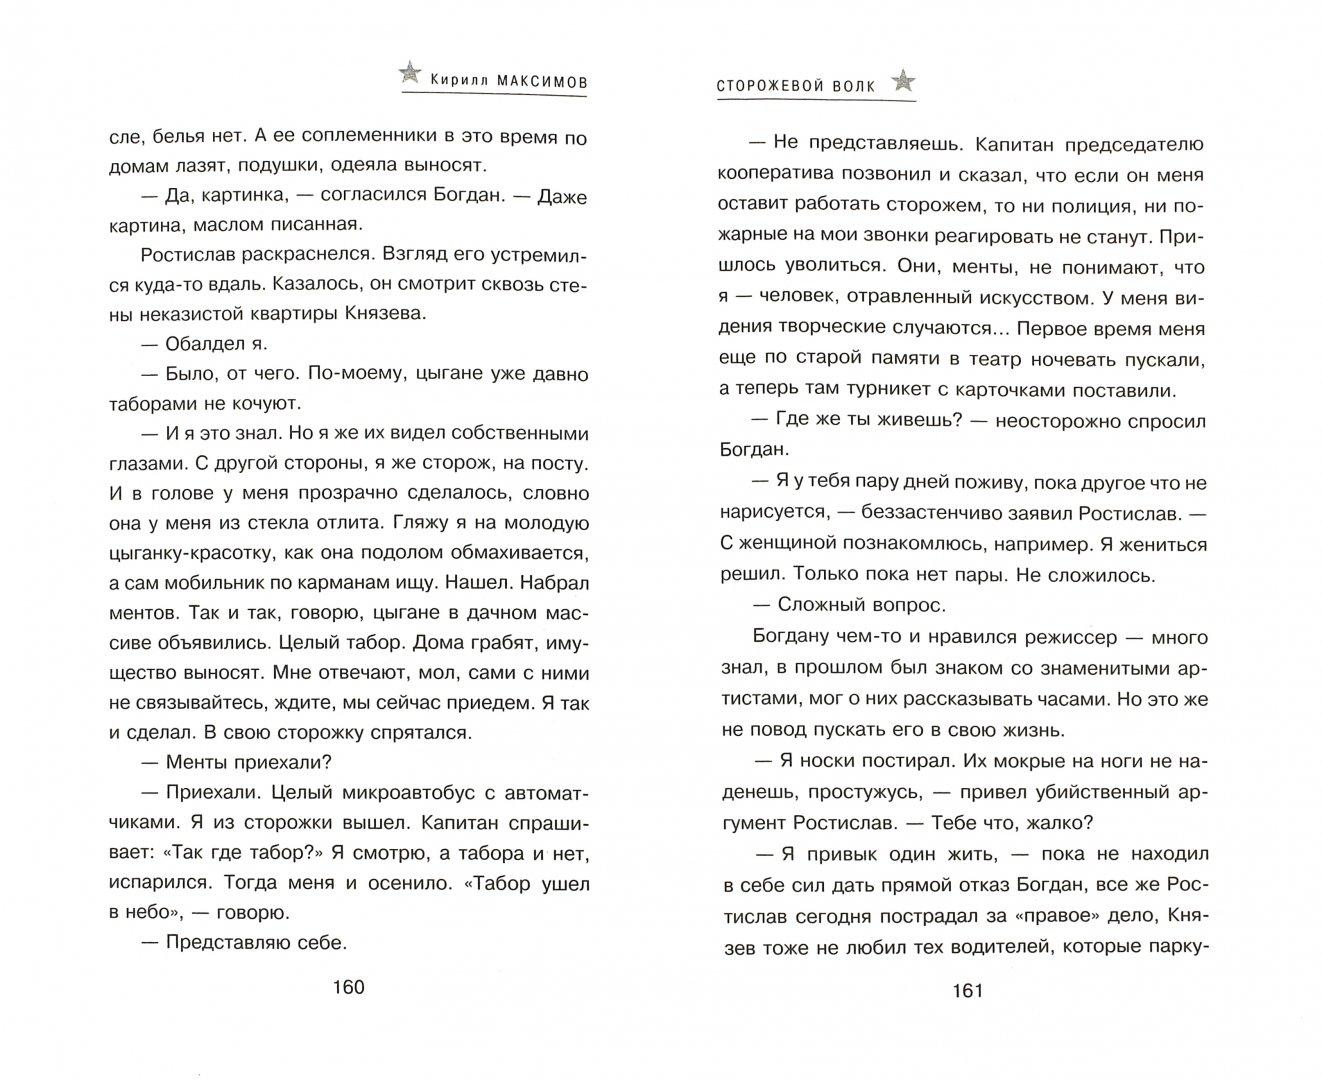 Иллюстрация 1 из 6 для Сторожевой волк - Кирилл Максимов   Лабиринт - книги. Источник: Лабиринт